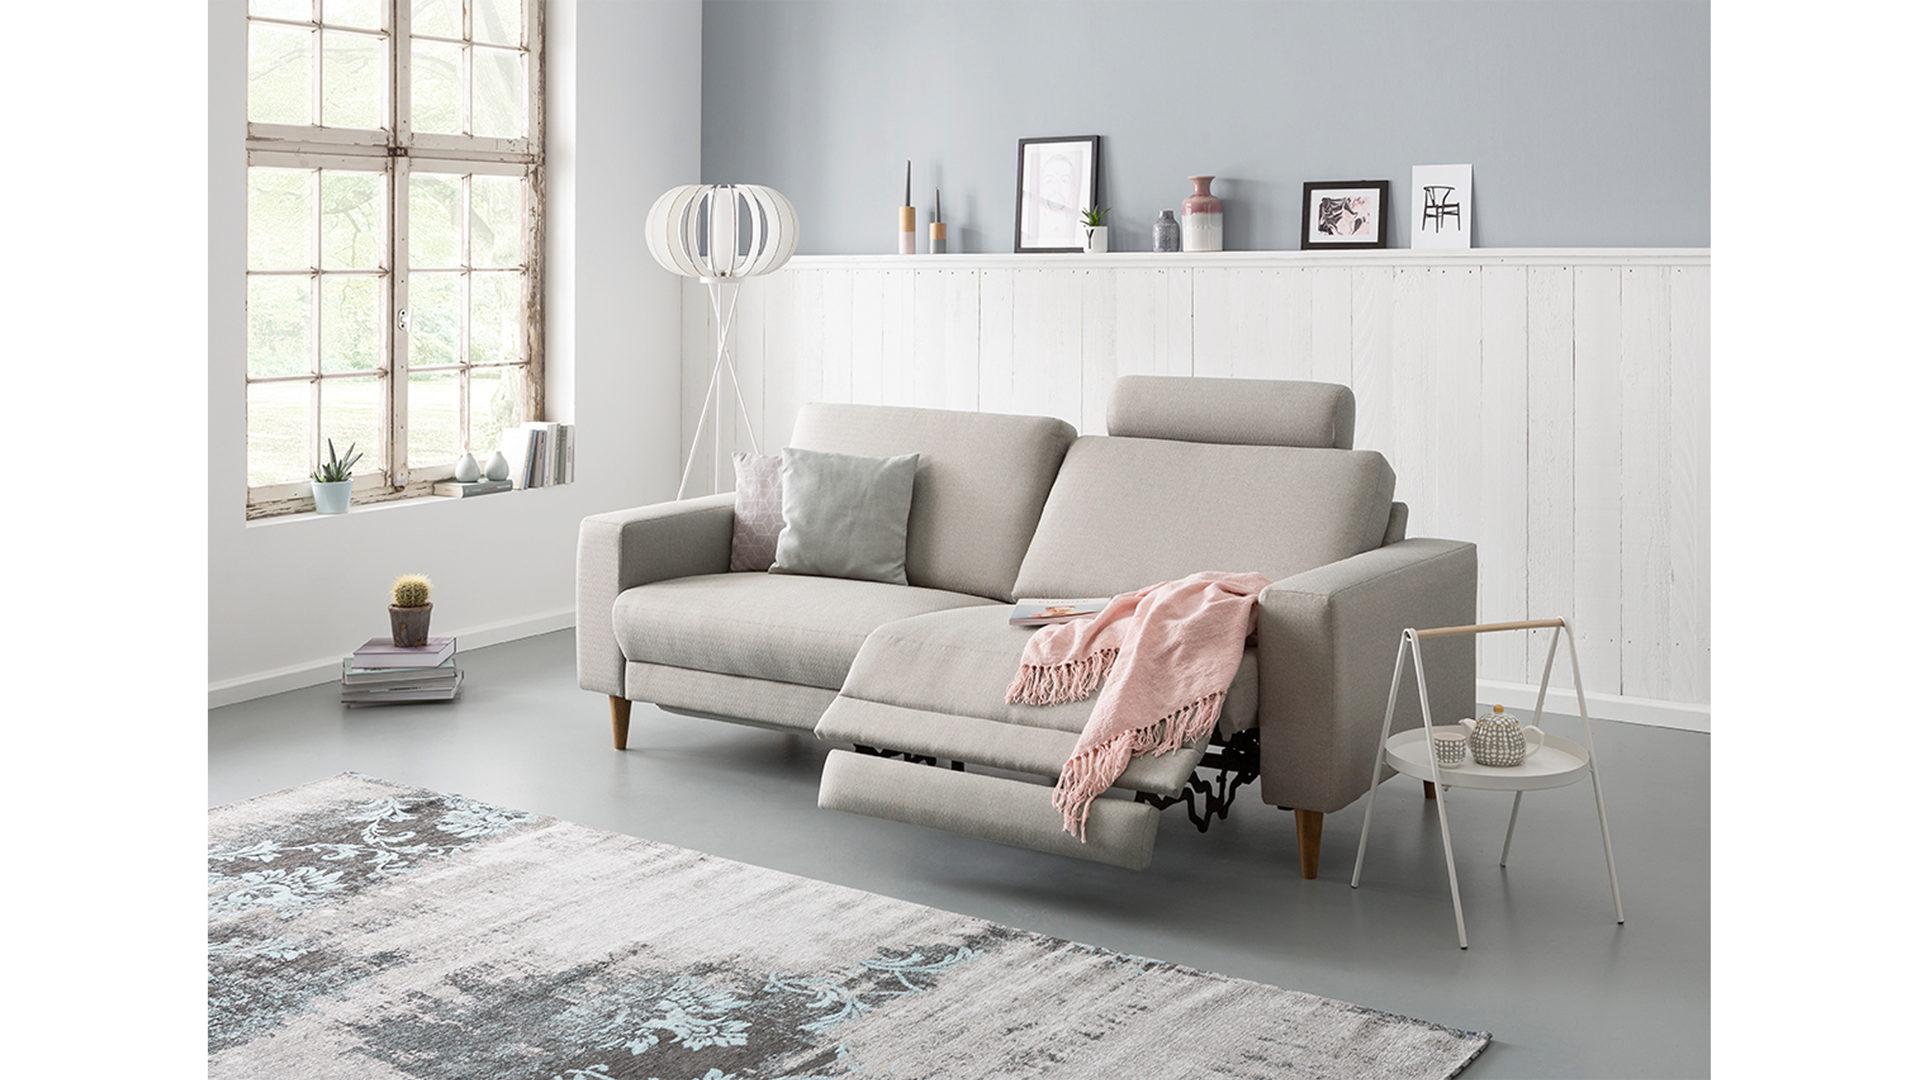 Möbel Bohn Crailsheim, Räume, Wohnzimmer, Sofas + Couches ...